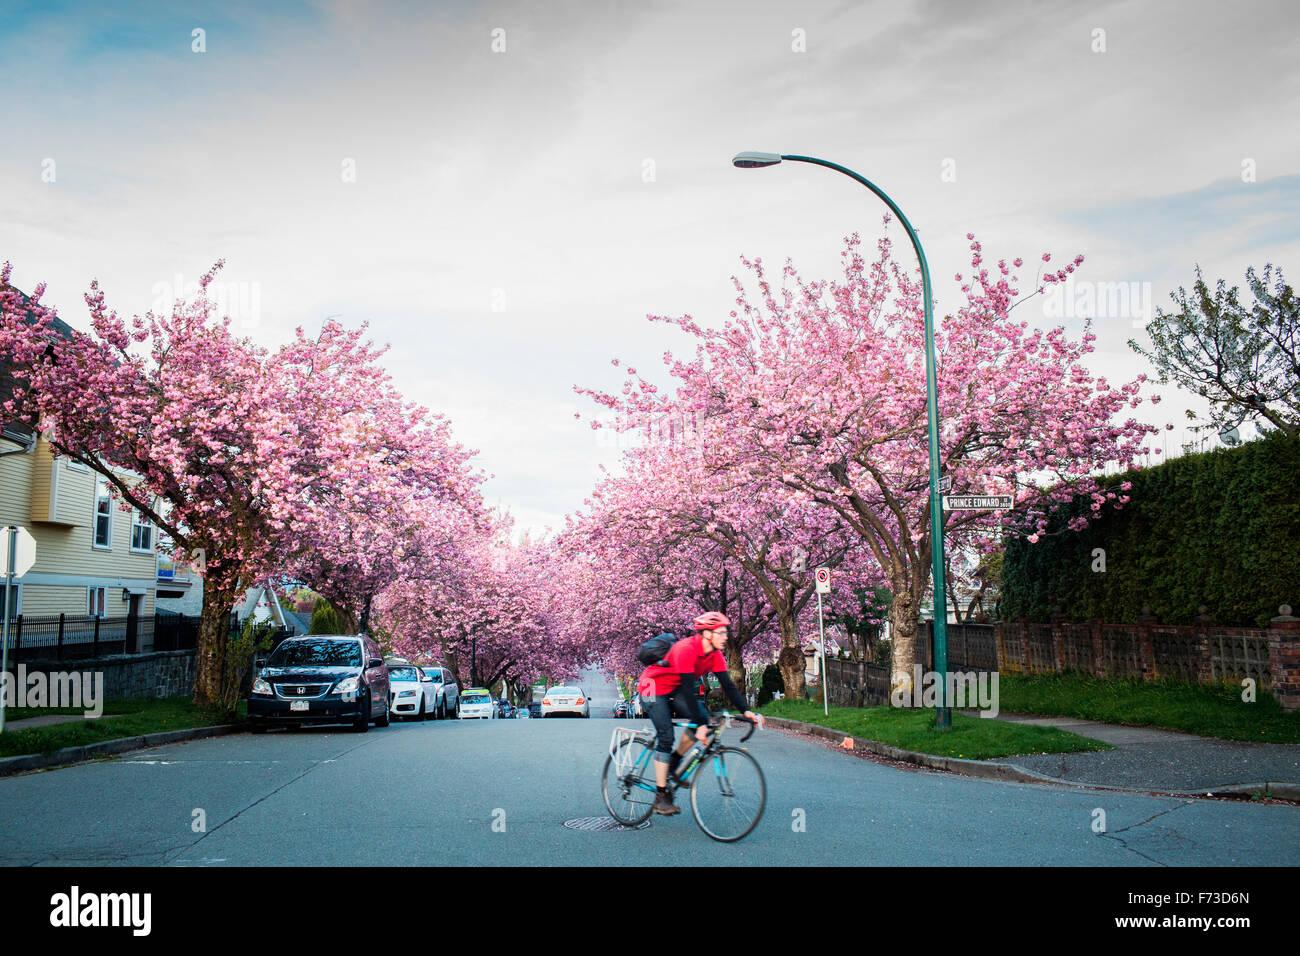 VANCOUVER, British Columbia, Canada. Una bicicletta commuter in rosso scorre giù per una strada residenziale Immagini Stock